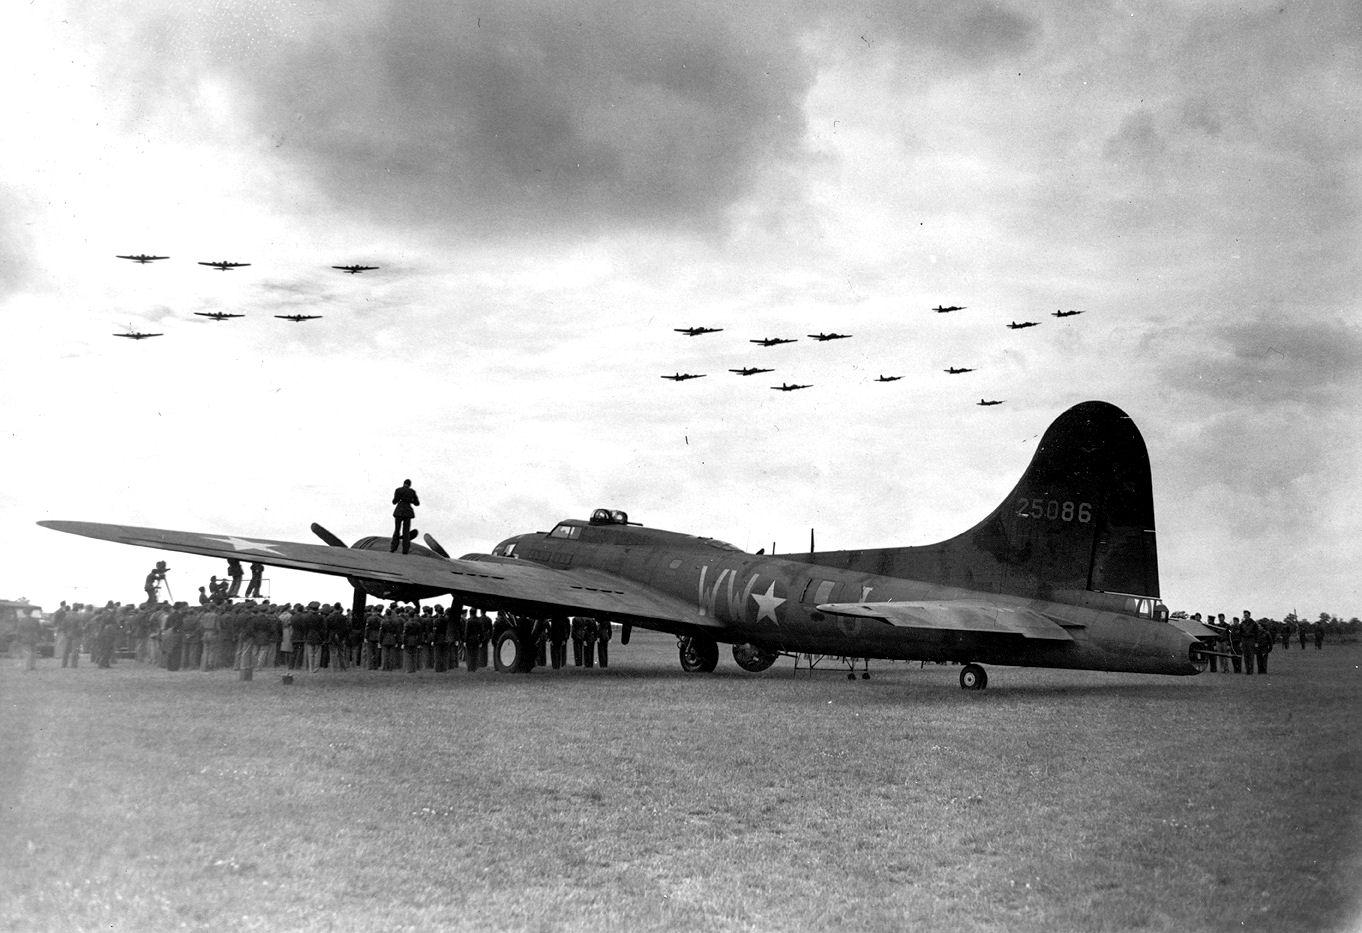 B-17 #42-5086 / Wahoo II